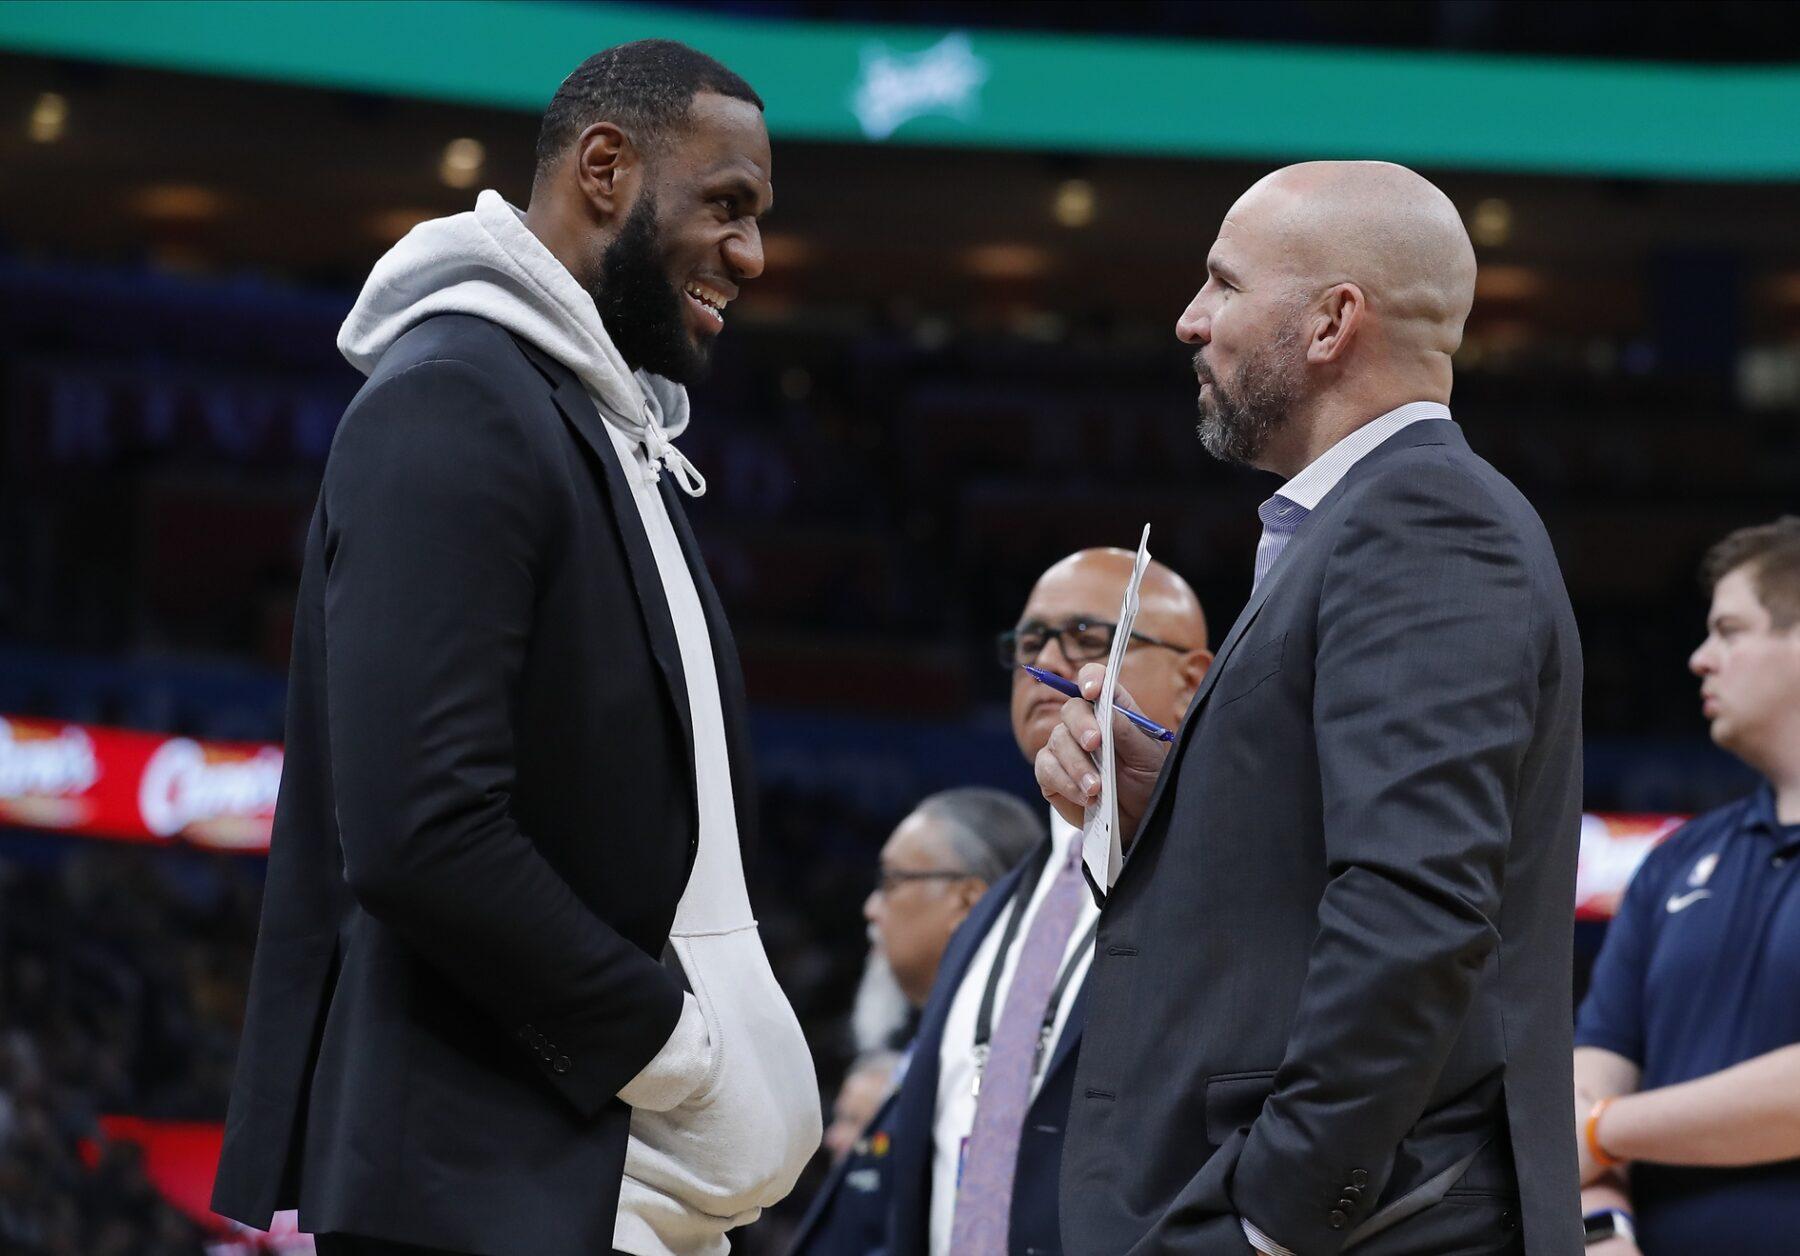 LeBron James and Jason Kidd